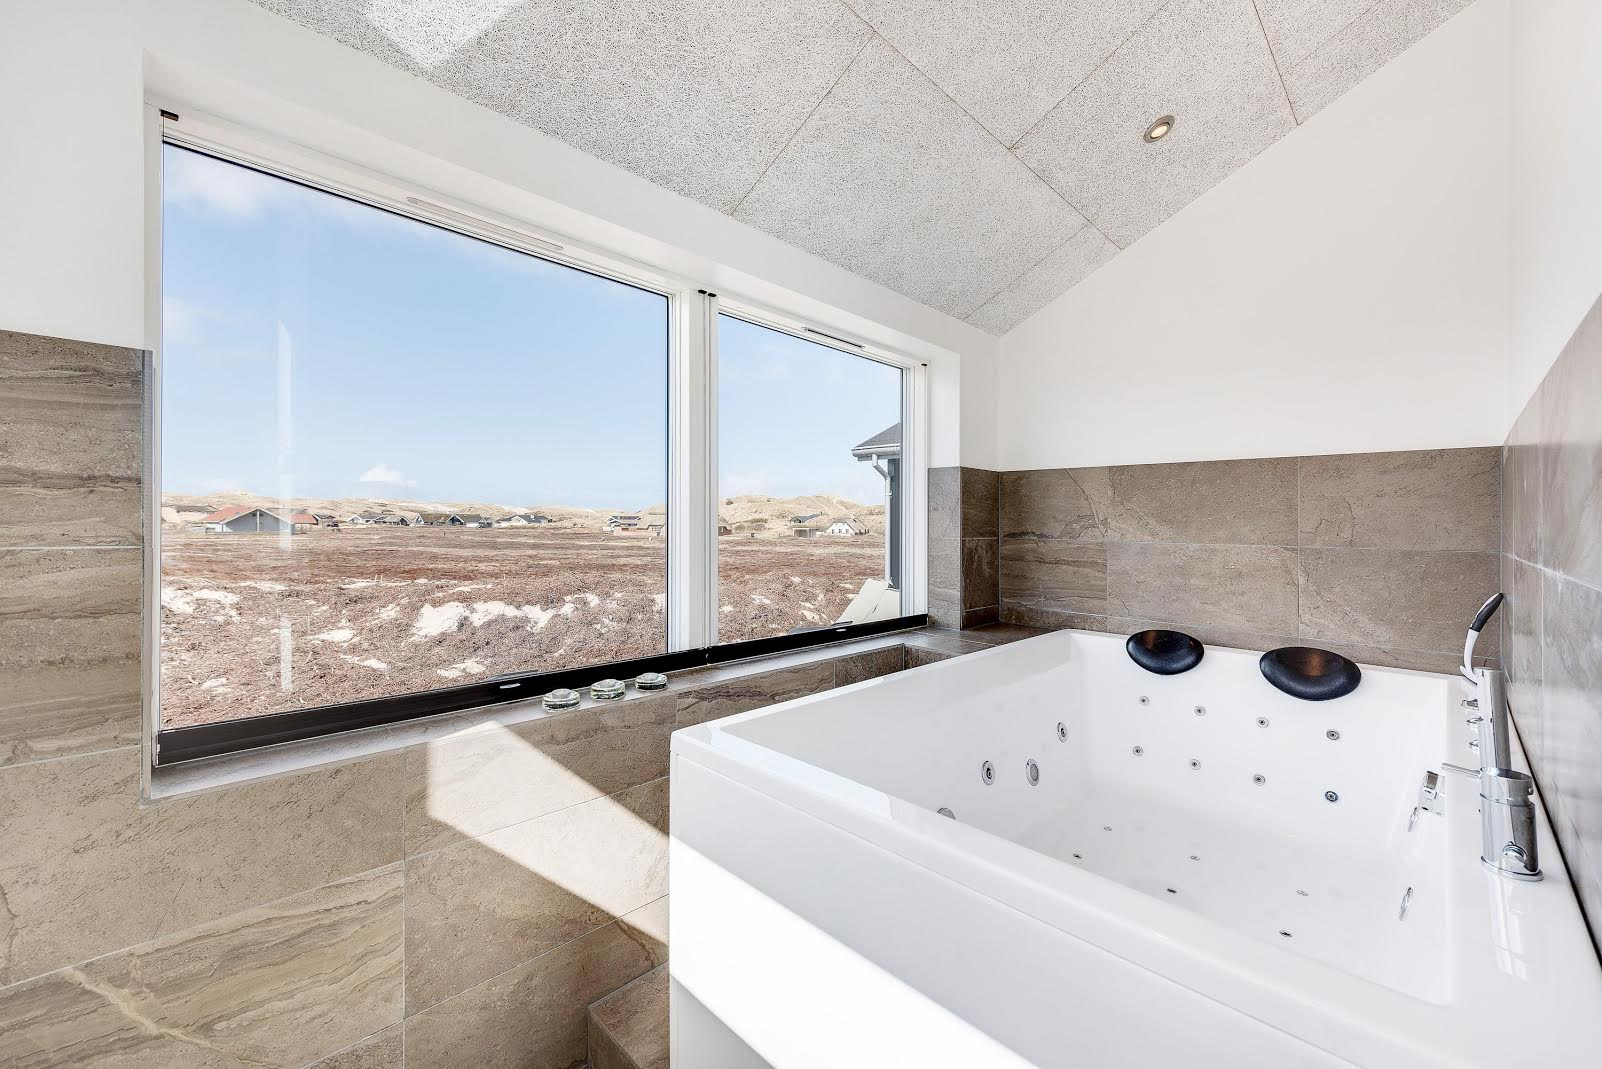 Nyt badekar fra Danline